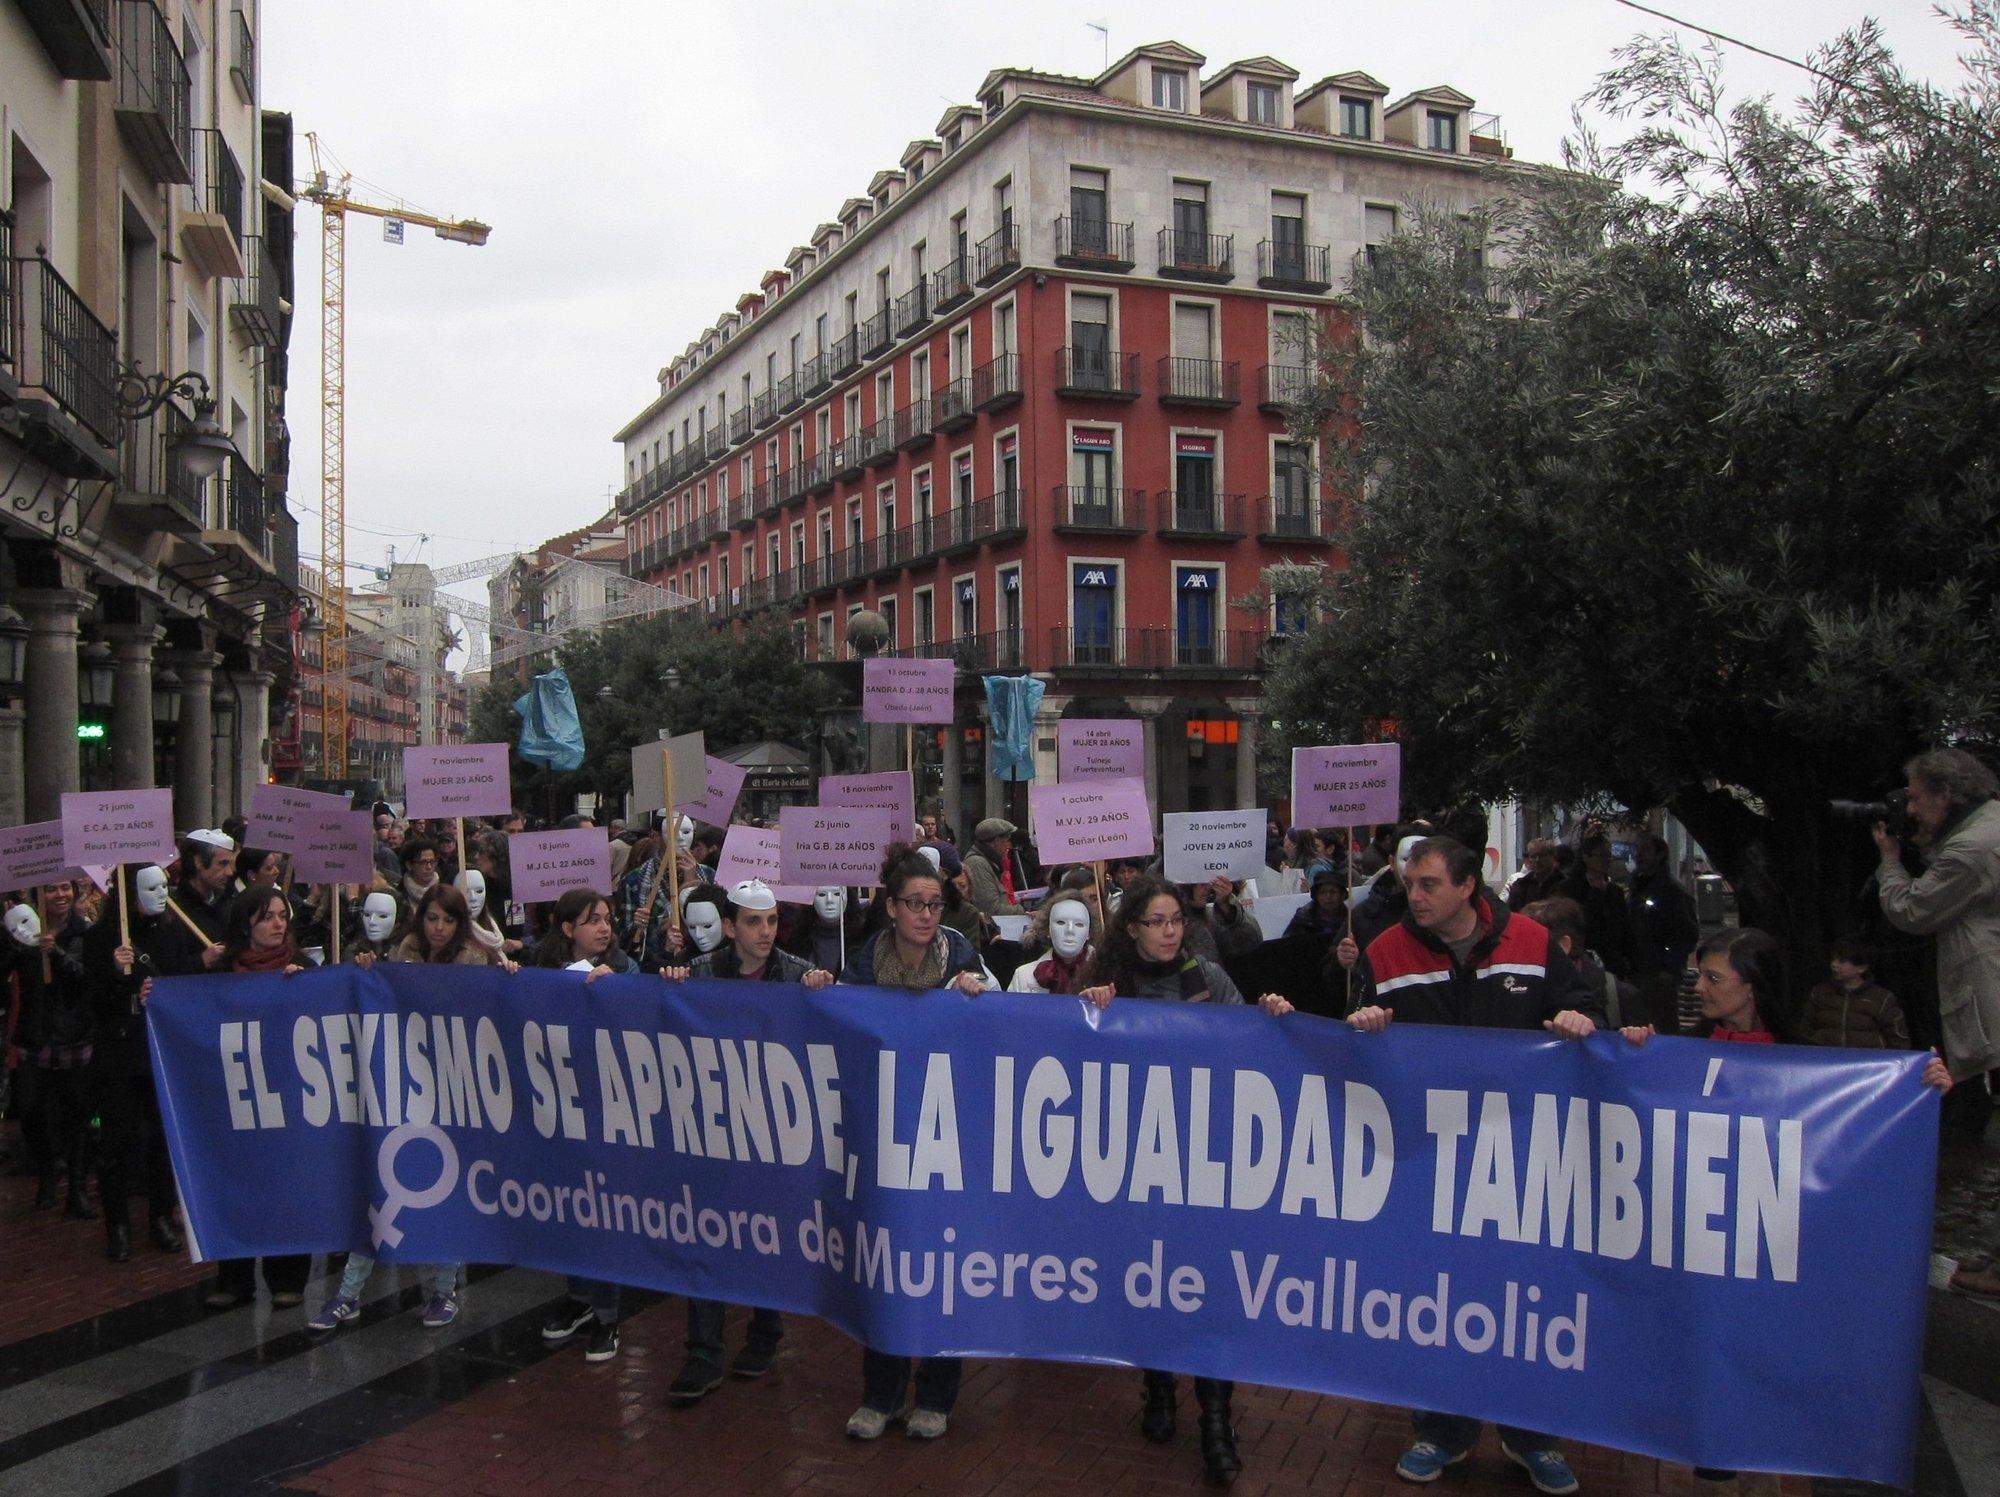 Varios centenares de personas reclaman en Valladolid más formación en igualdad para evitar la violencia de género